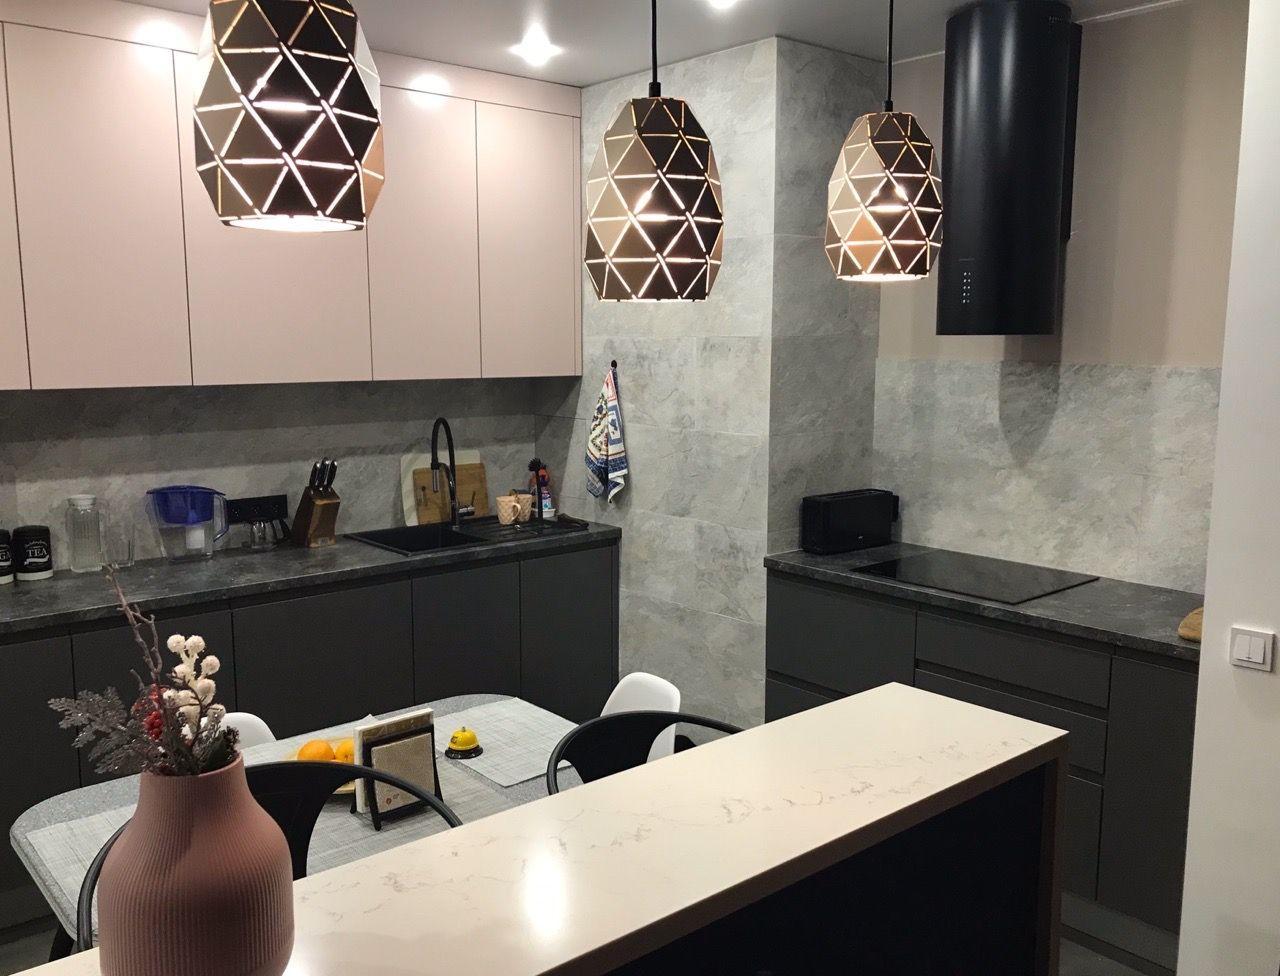 креативные лампы в коричневом цвете придают приглушенное освещение кухни